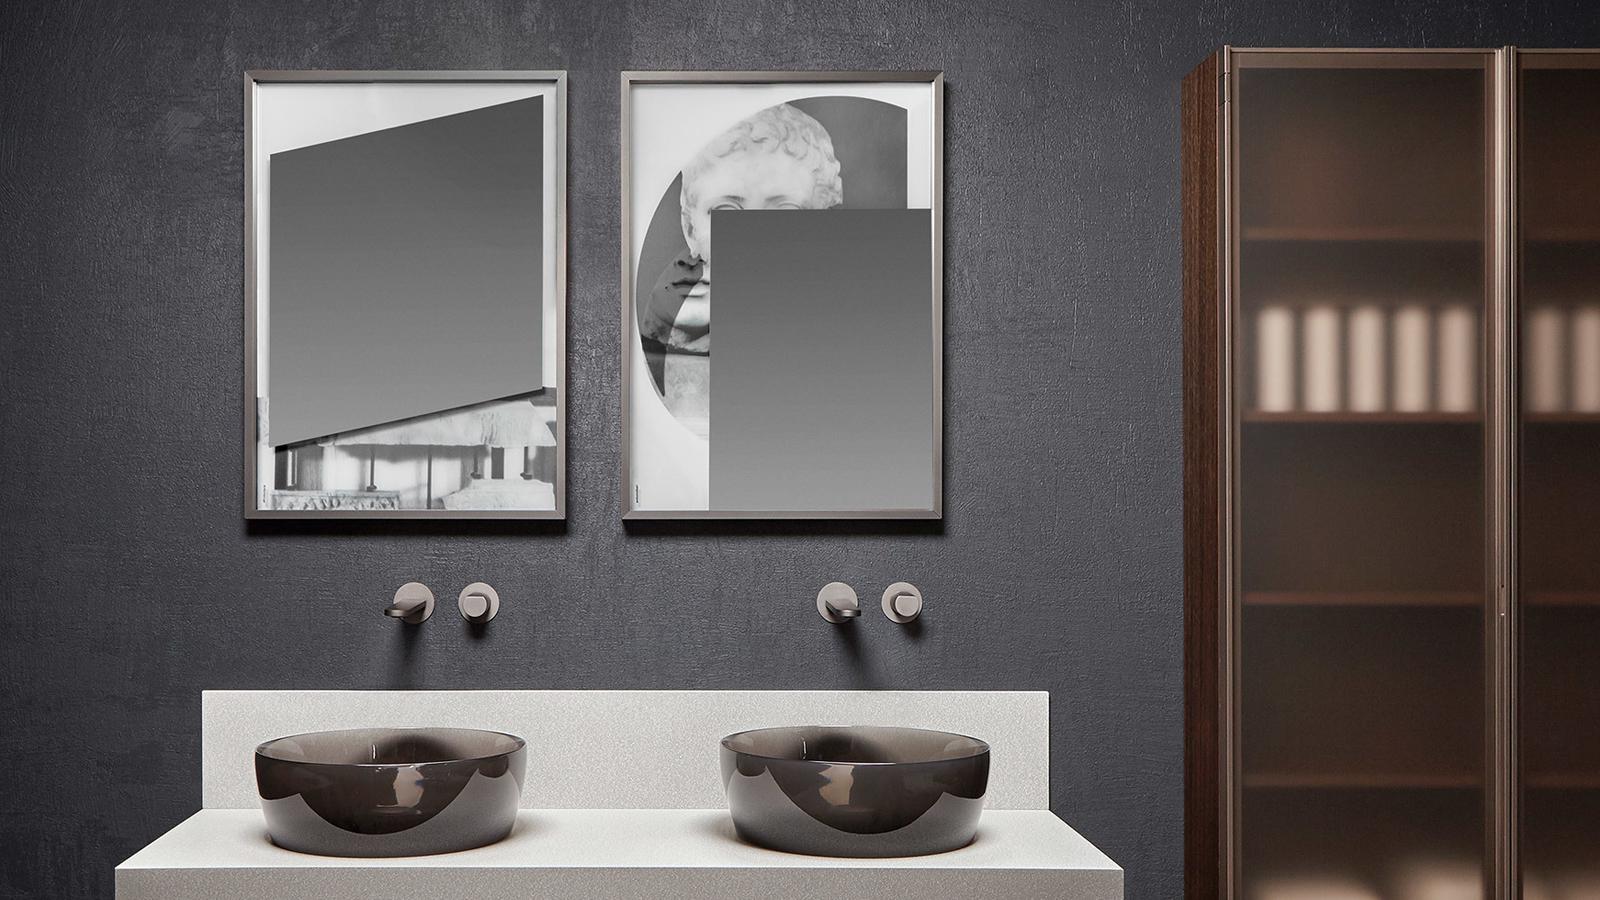 Képzőművészet és design sajátos elegye a Collage tükörkollekció, melyet az antoniolupi Luca Garofalo-val együttműködésben fejlesztett ki. Ahogyan az emlékeink rétegenként rakódnak egymásra, úgy vetülnek egymás fölé a Collage tükrök szintjei is, egyedi, meghökkentő elemmel gazdagítva a helyiséget, ahol elhelyezzük.